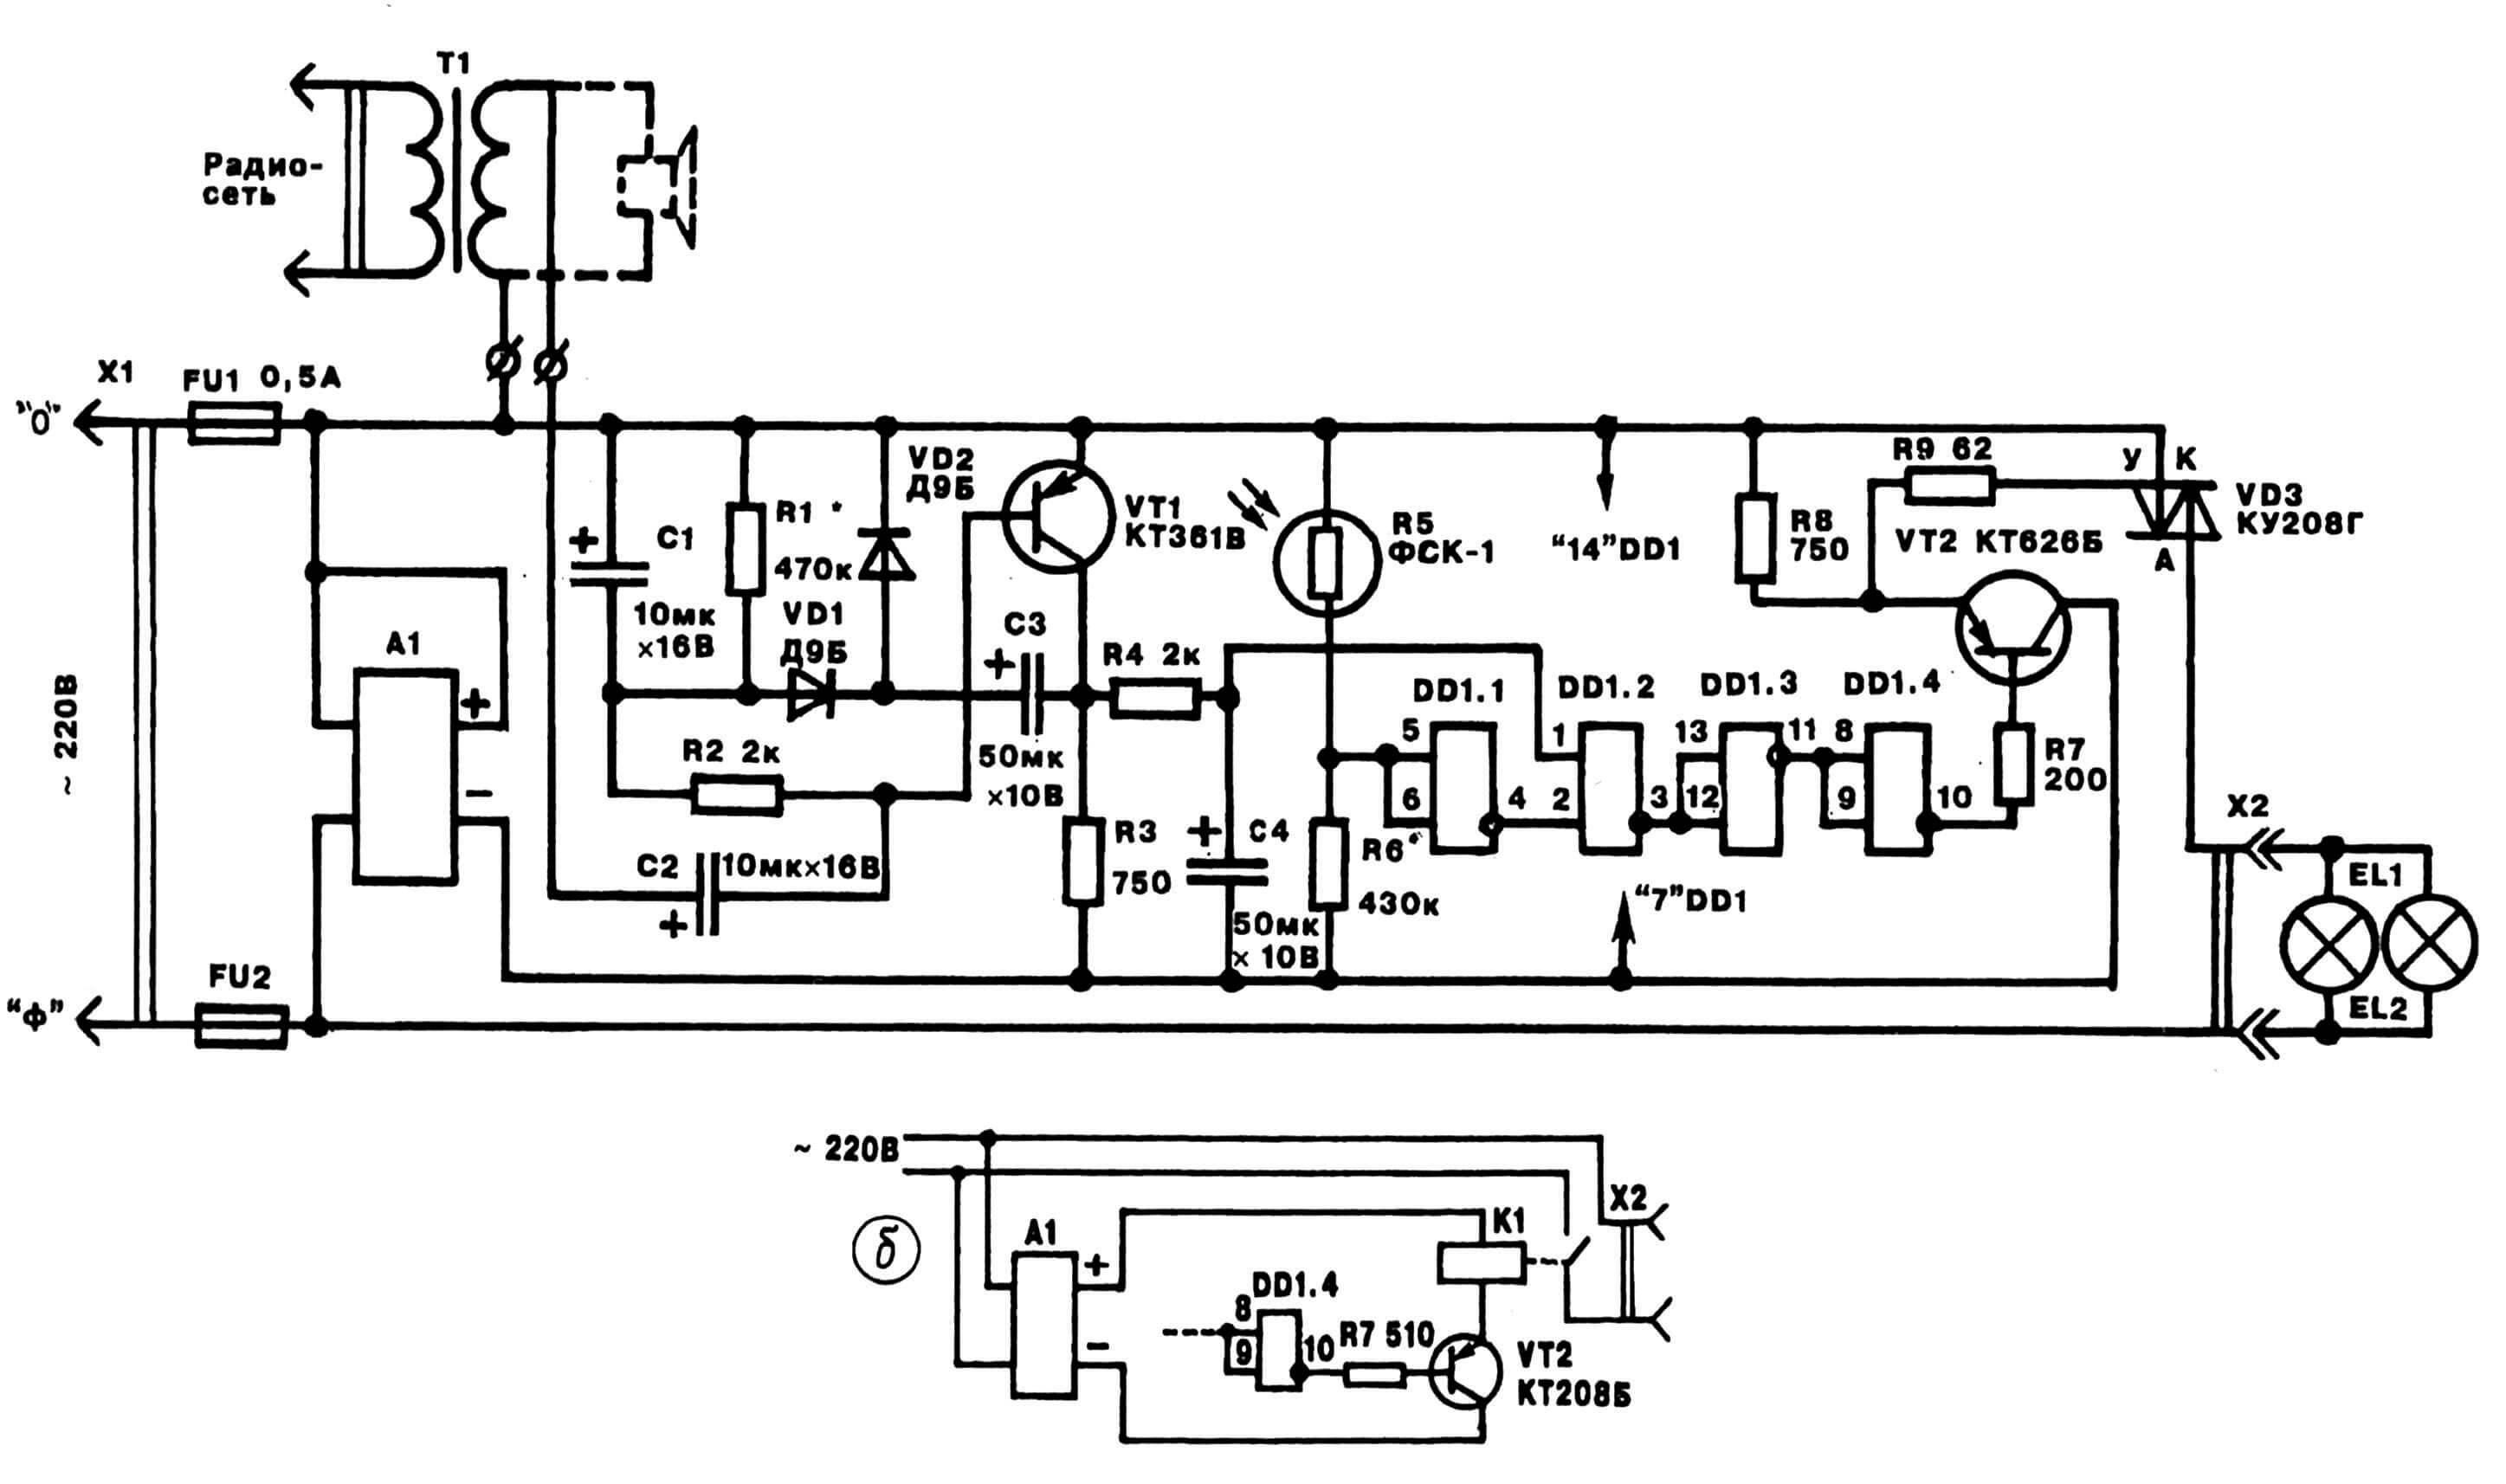 Принципиальная электрическая схема автомата, создающая эффект присутствия хозяев дома (б — вариант с использованием реле).